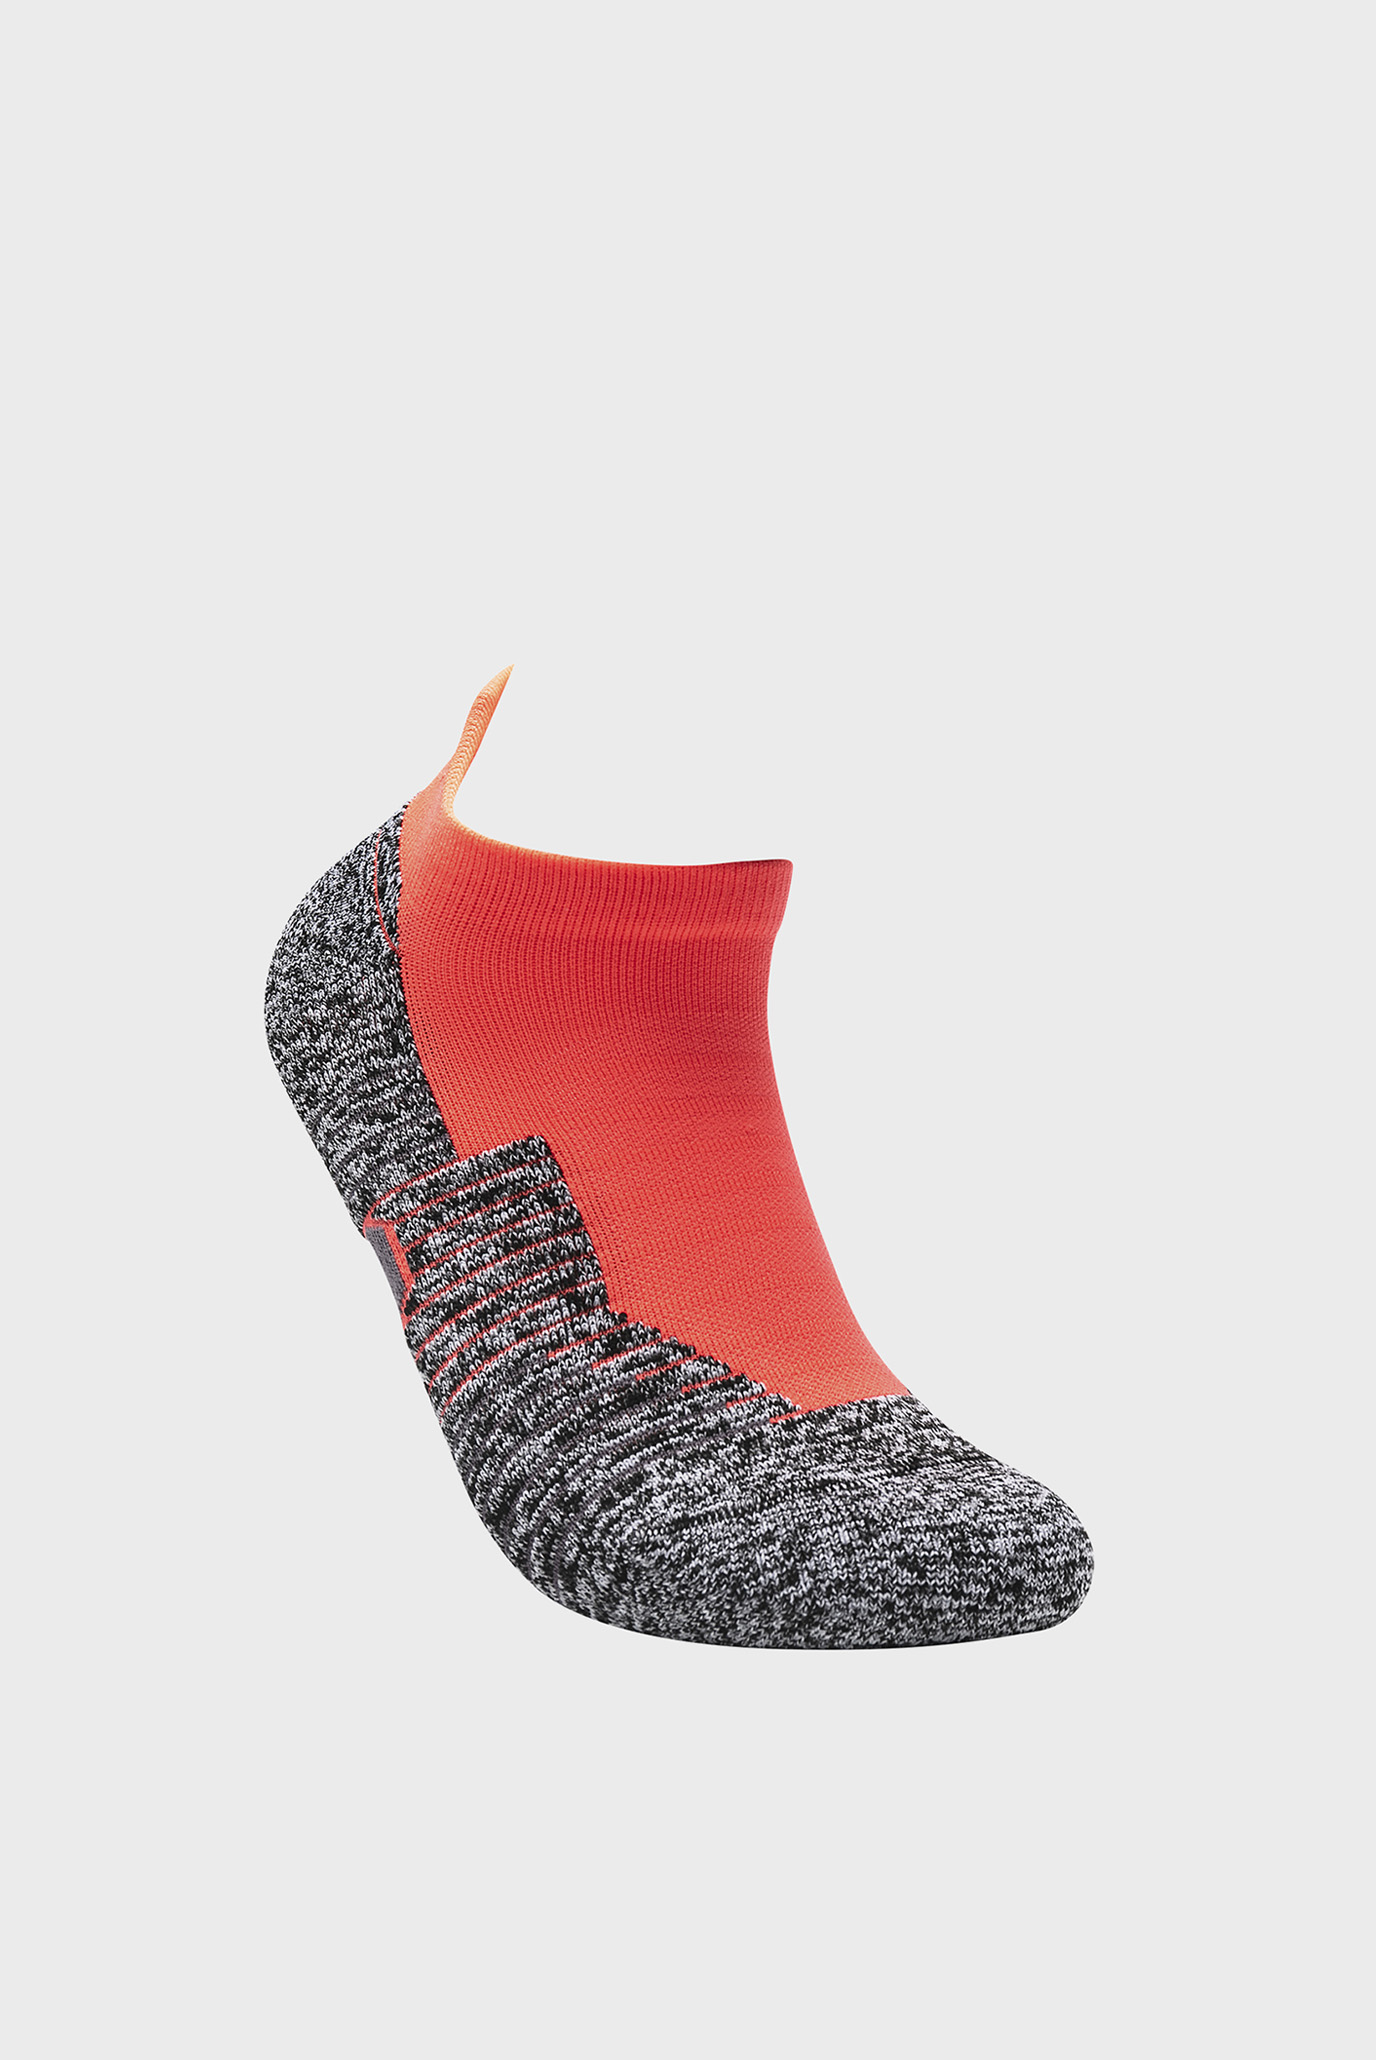 Купить Мужские носки UA Run Cushion NS Tab Under Armour Under Armour 1315590-632 – Киев, Украина. Цены в интернет магазине MD Fashion